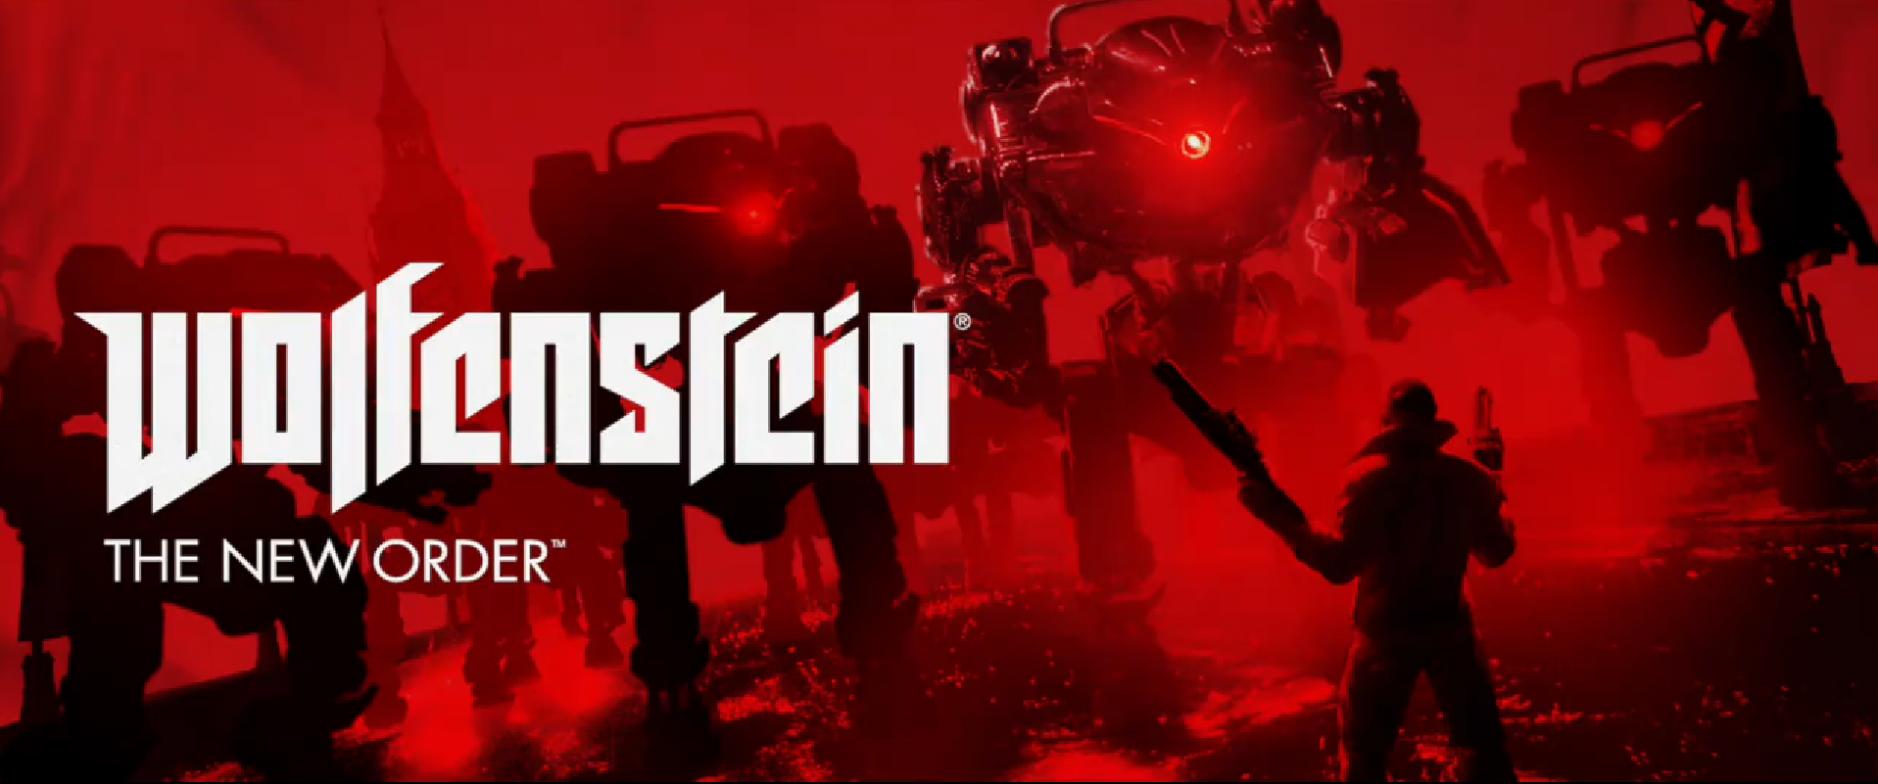 Wolfenstein The New Order Free Download